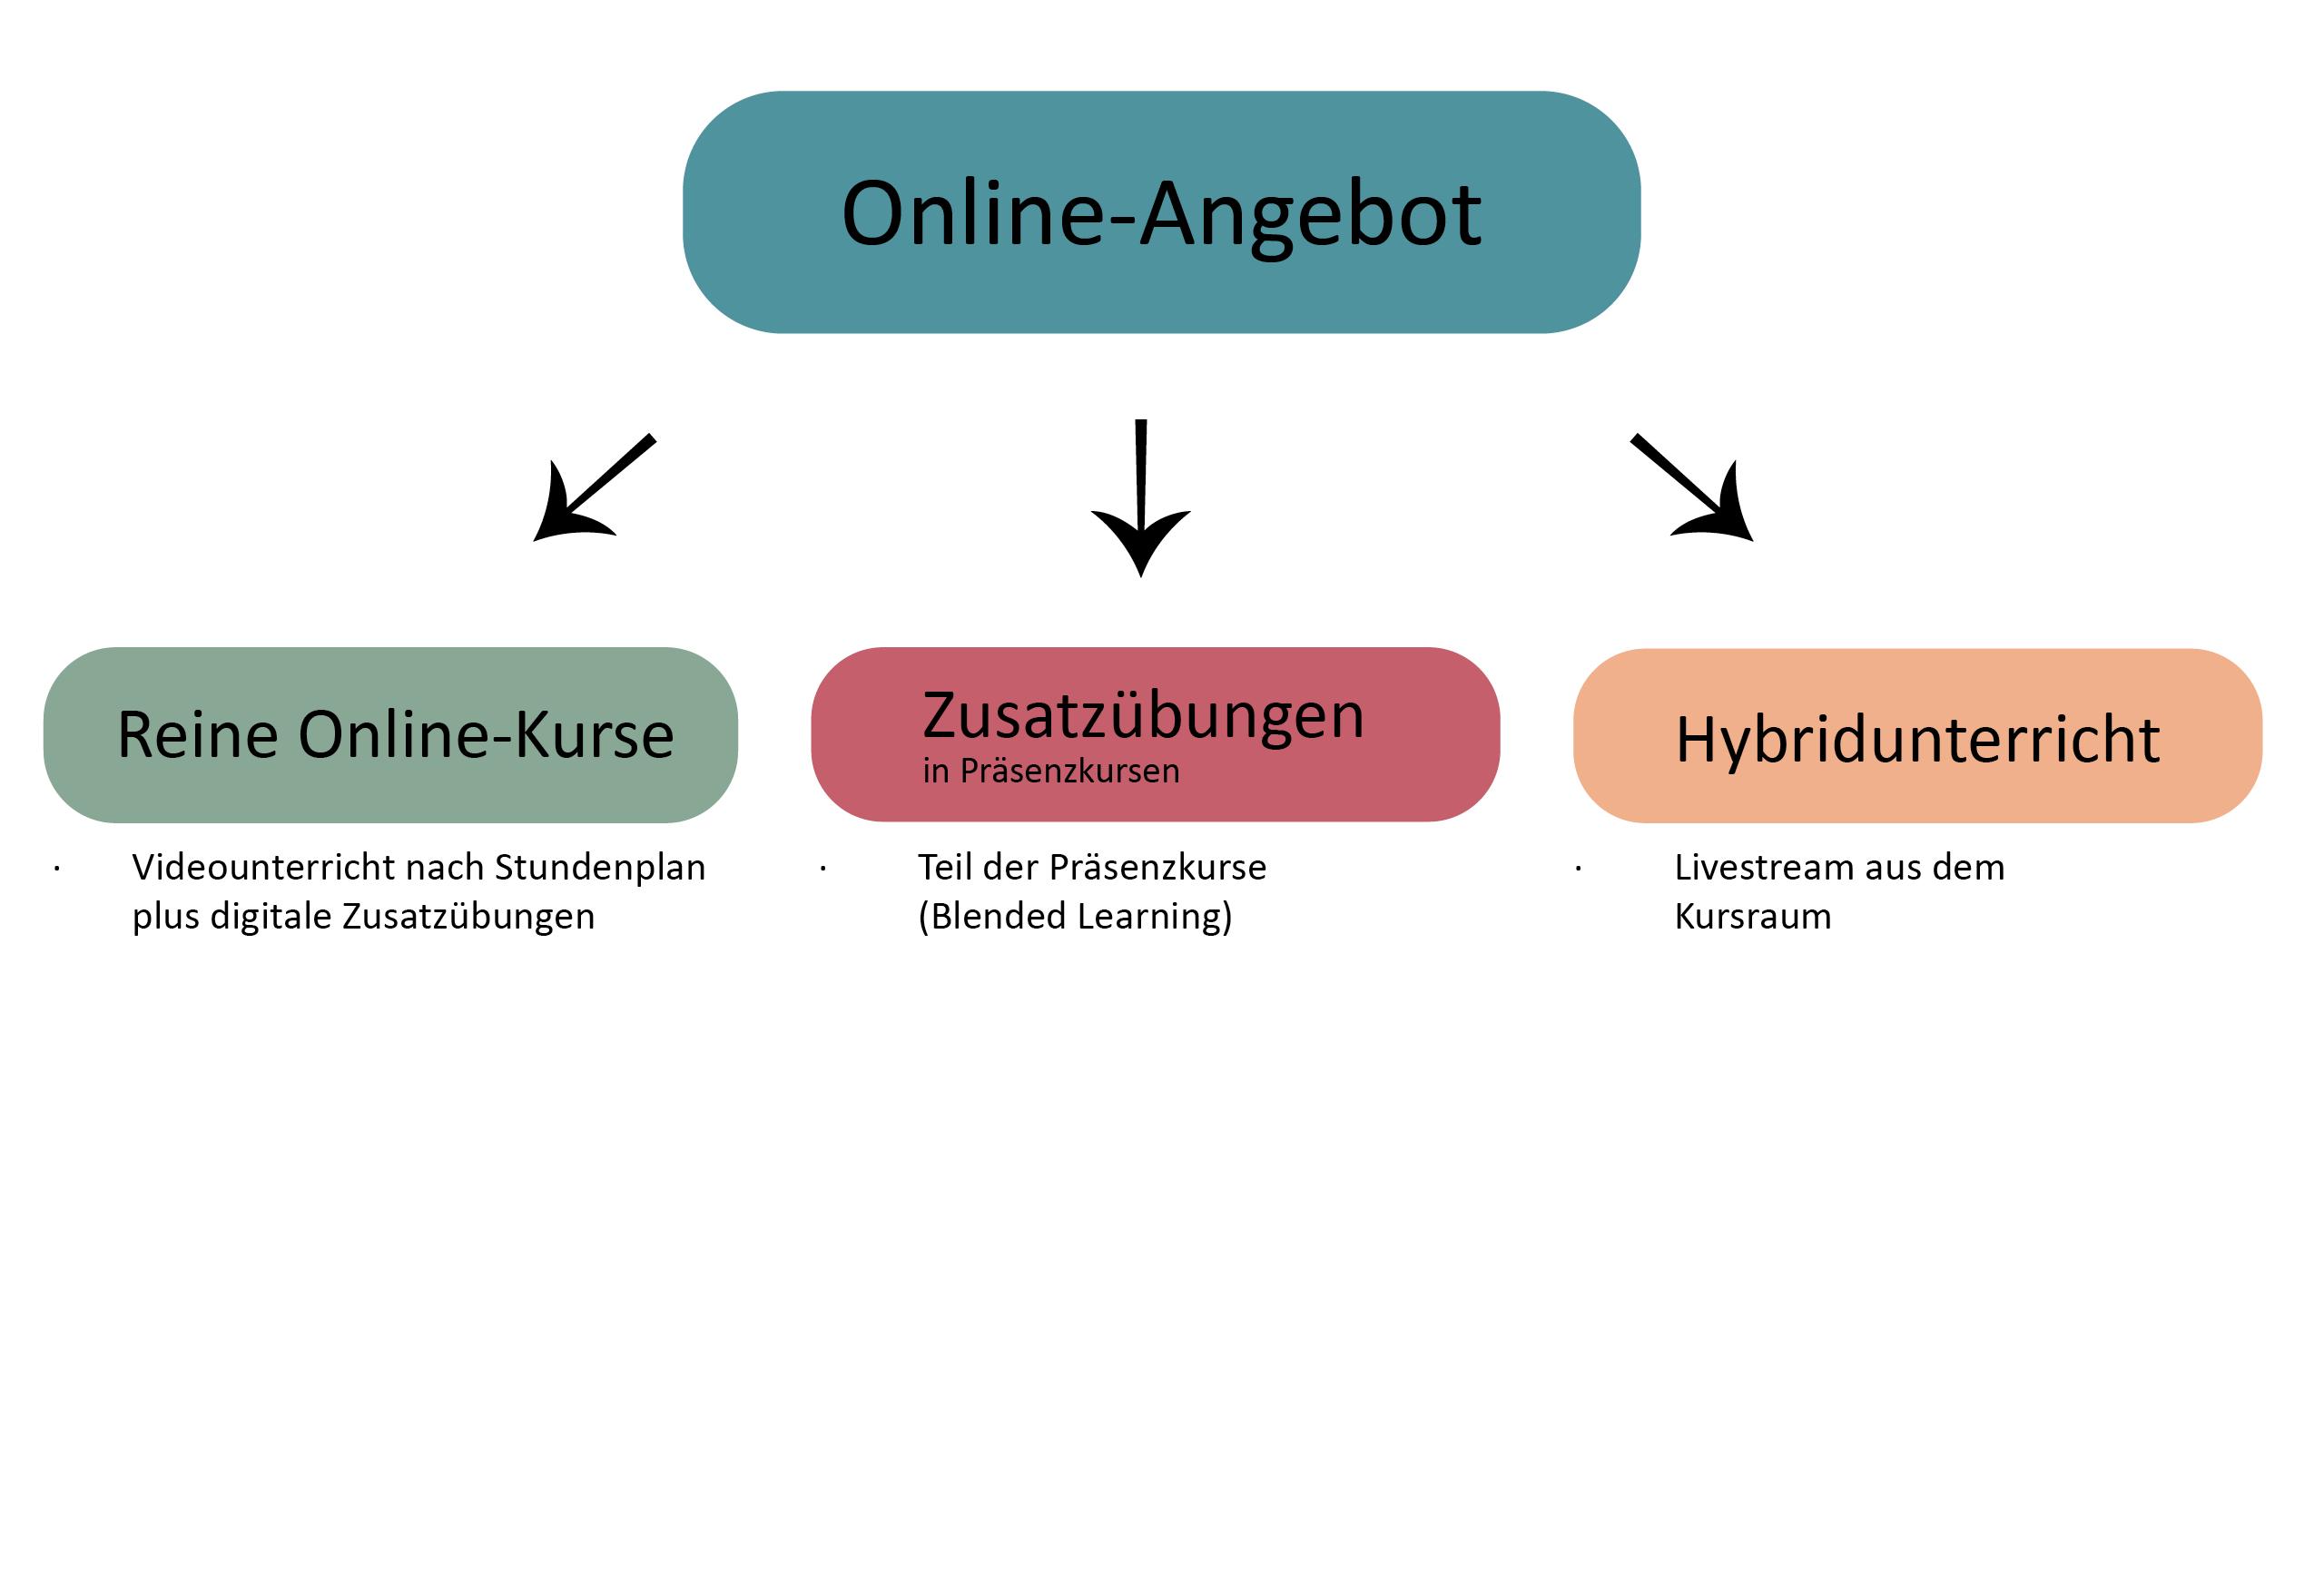 Onlineangebot mit Hybrid